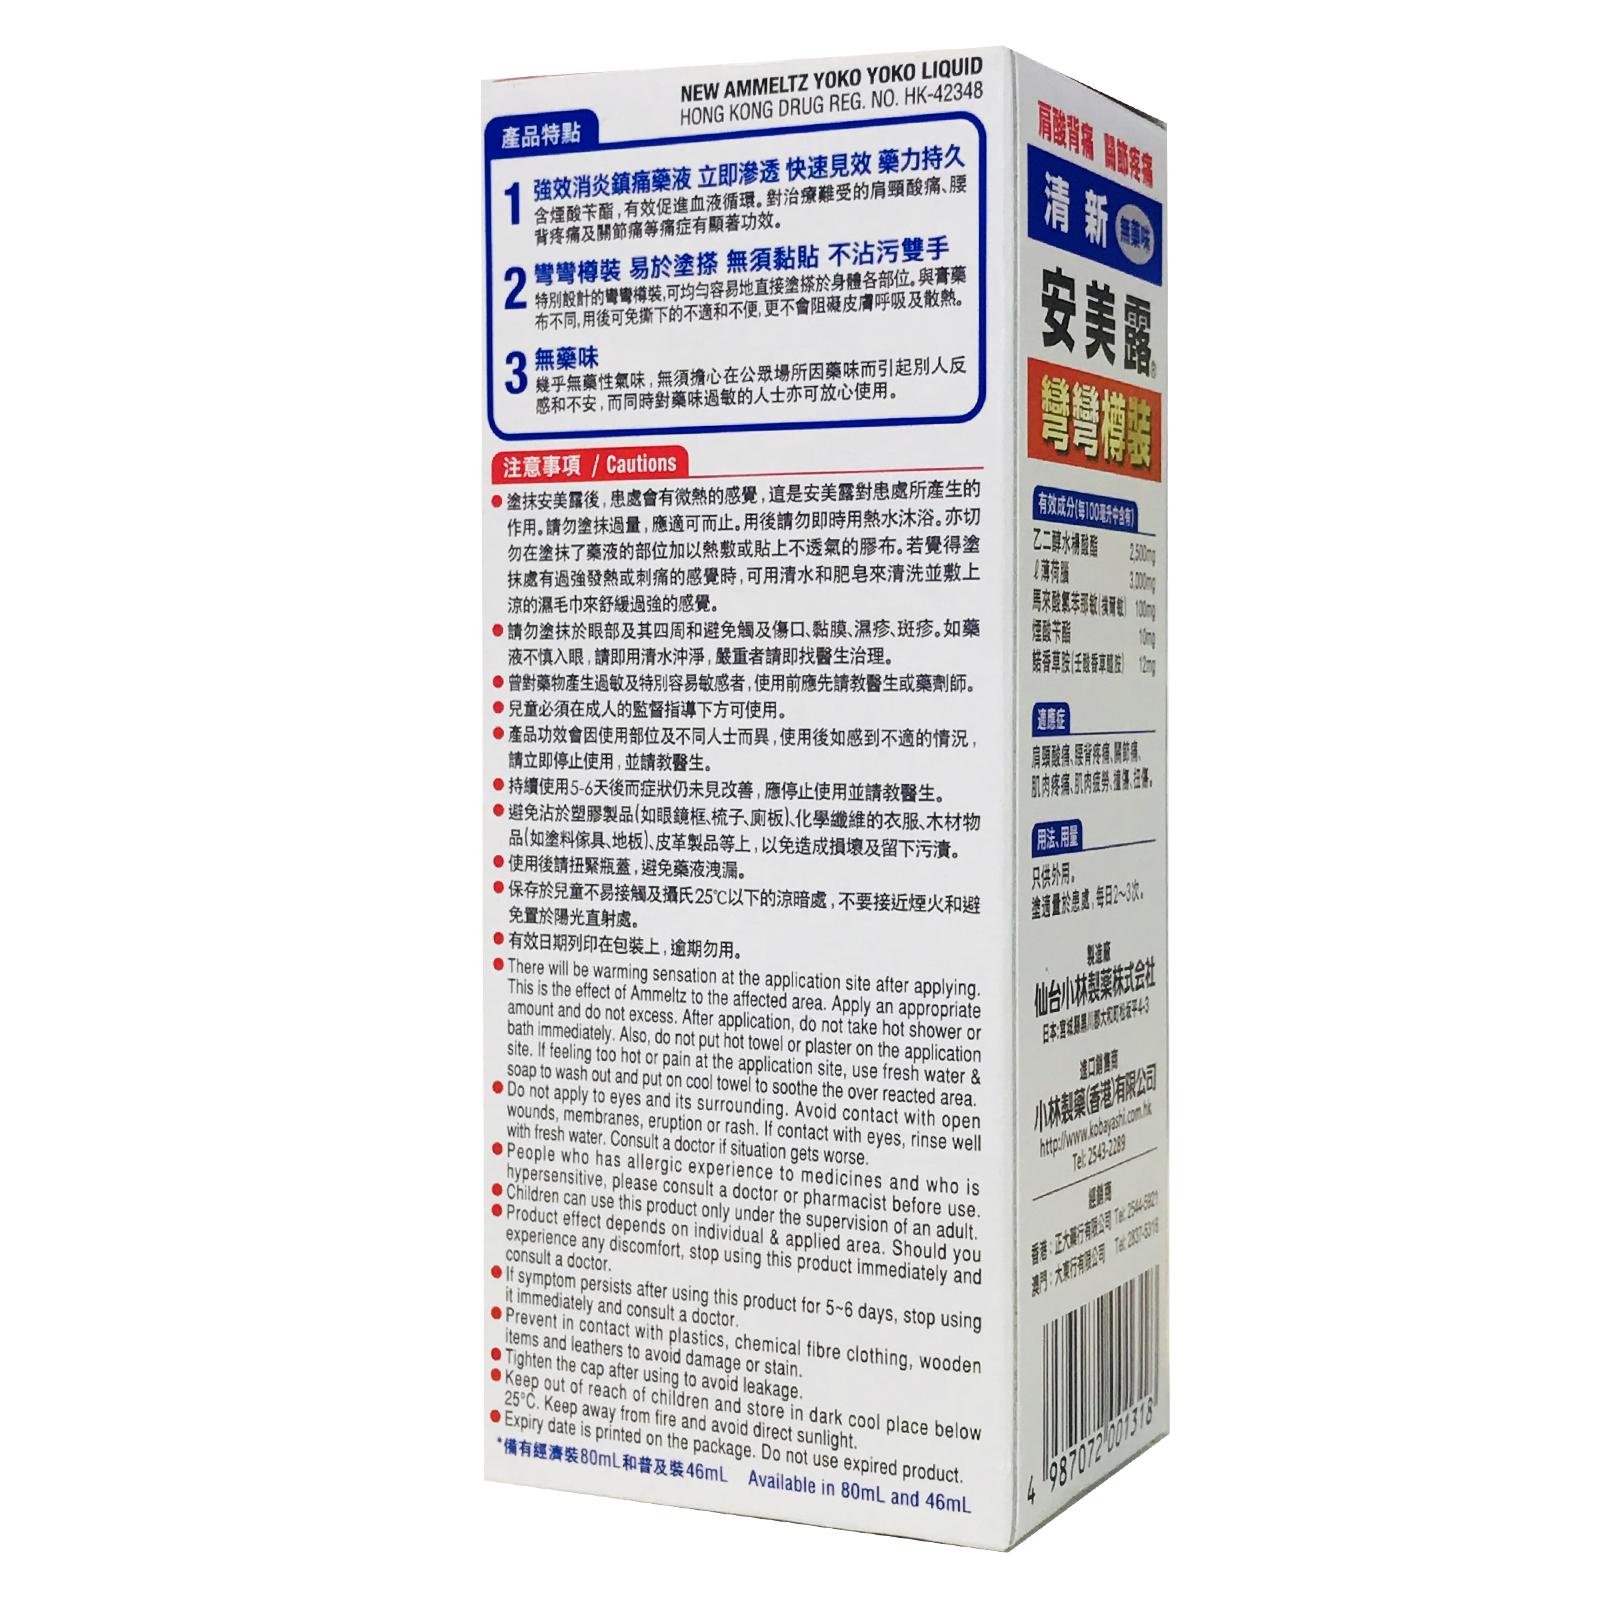 小林制药-日本安美露肩酸背关节痛无药味涂敷式消炎剂46ml樽